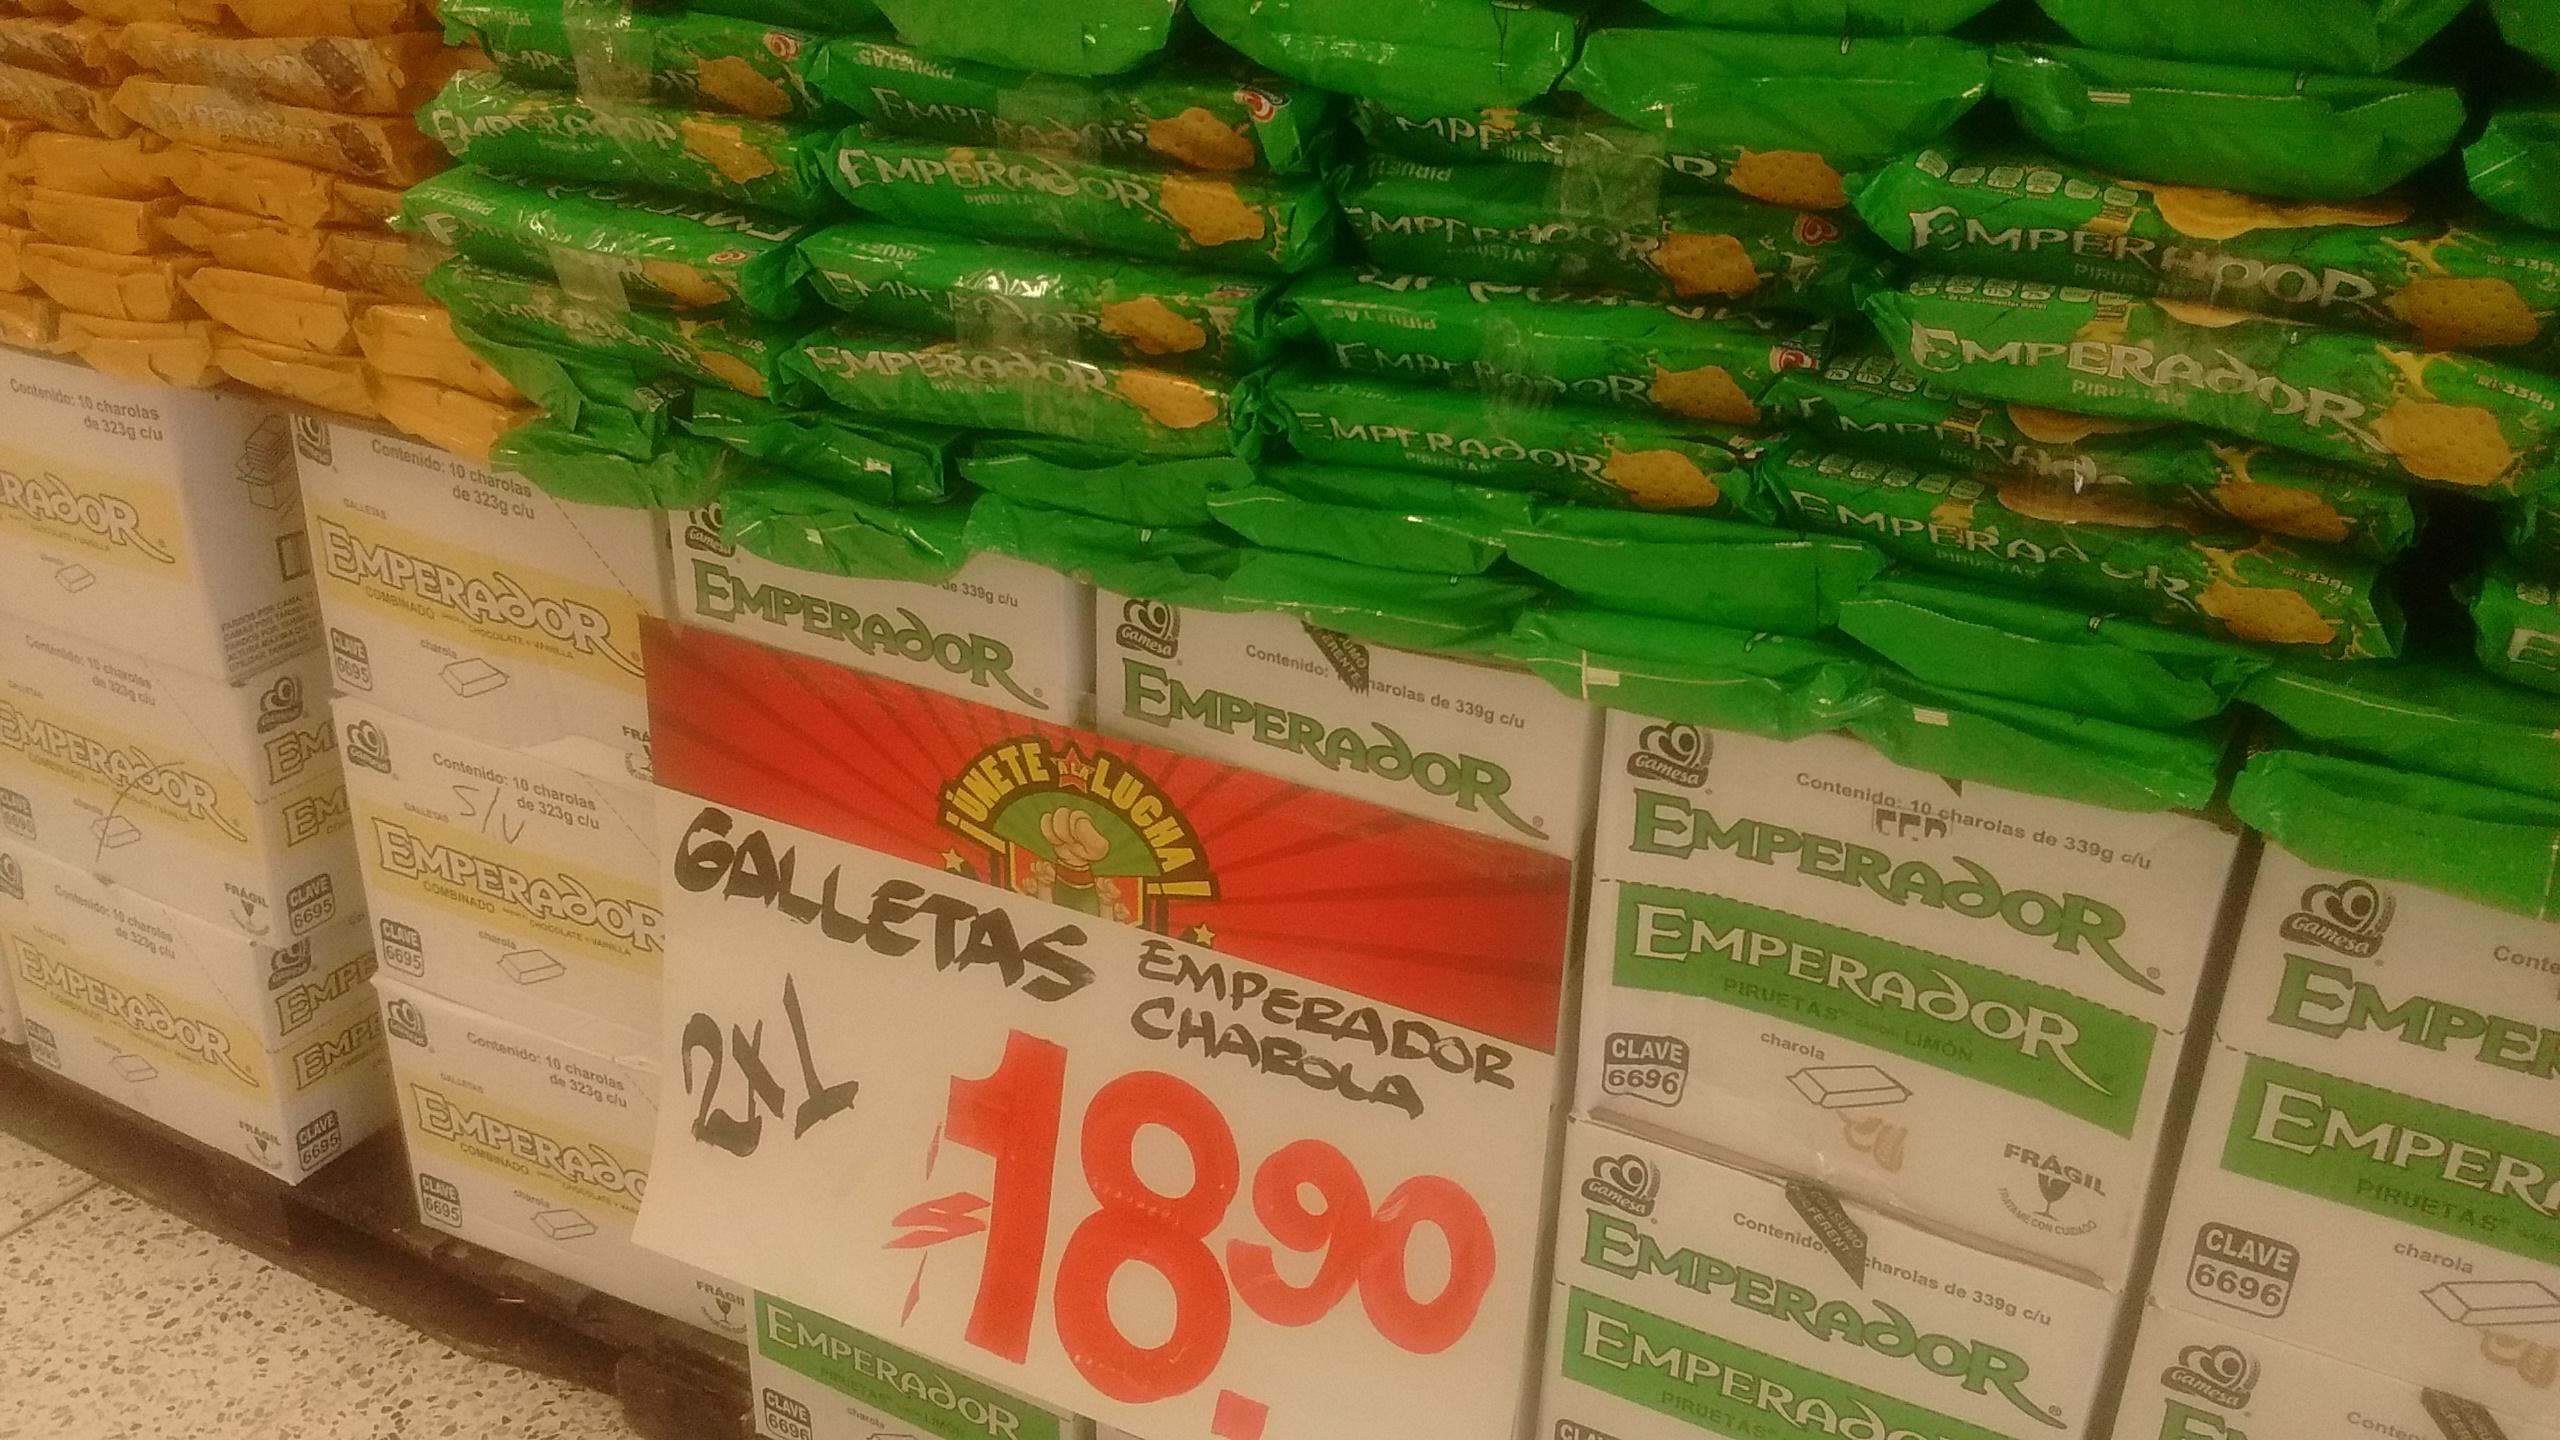 Bodega Aurrerá: 2 charolas galletas Emperador de 339gr por $18.90